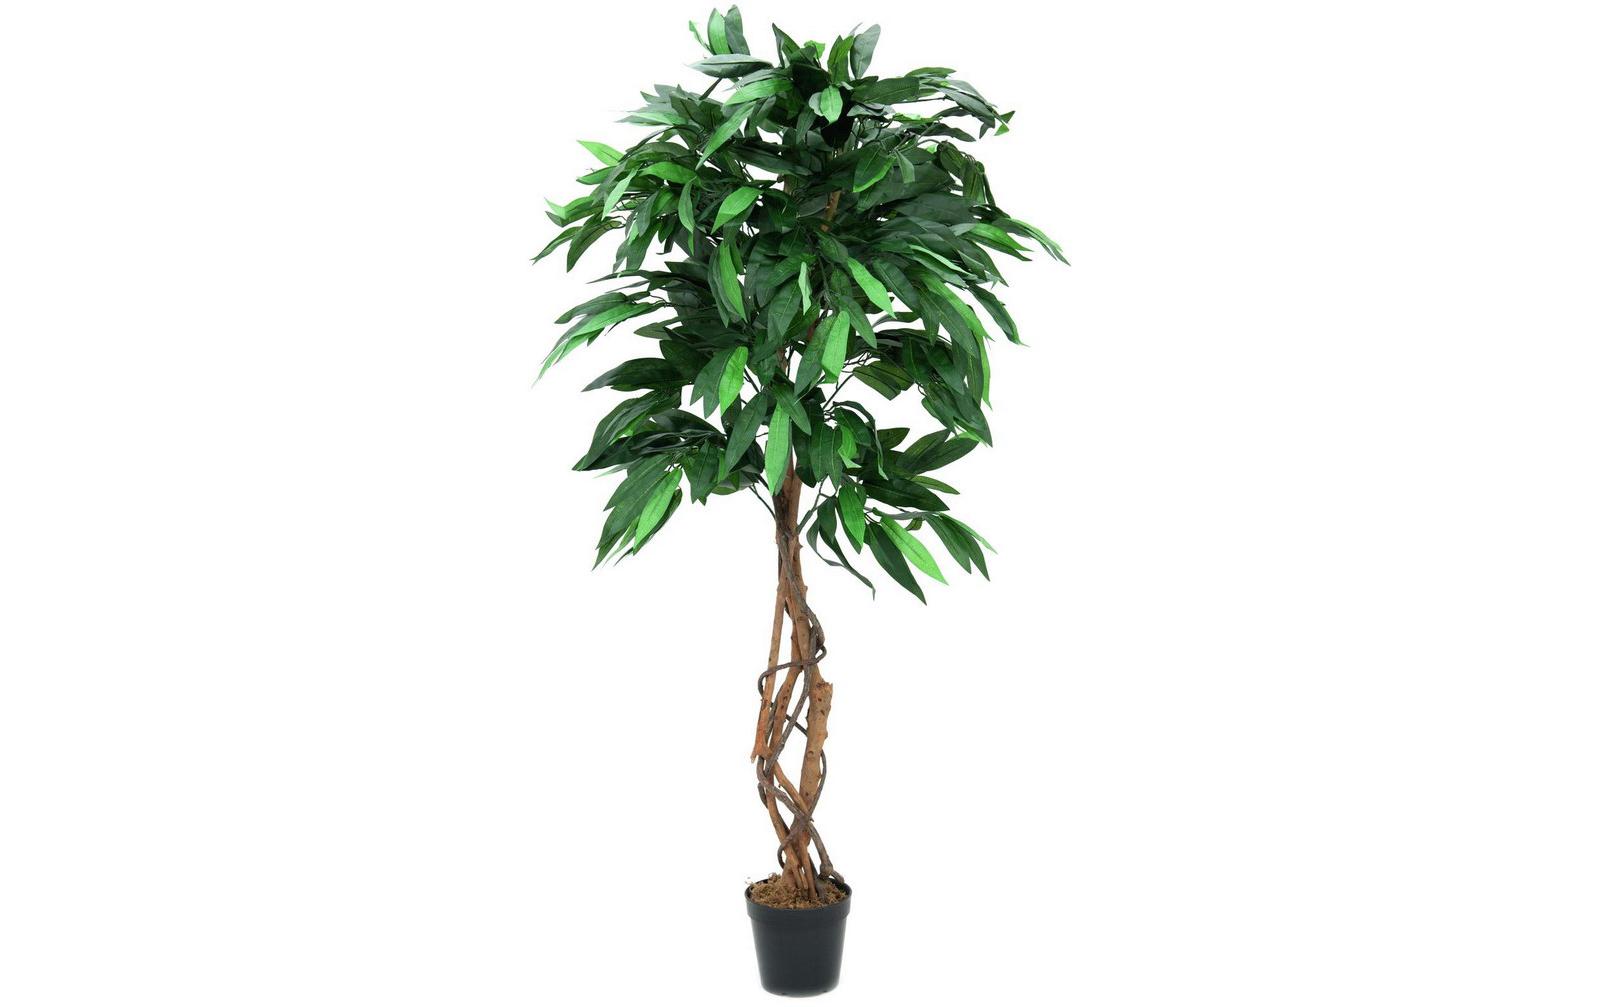 europalms-dschungelbaum-mango-150cm-kunststoffpflanze